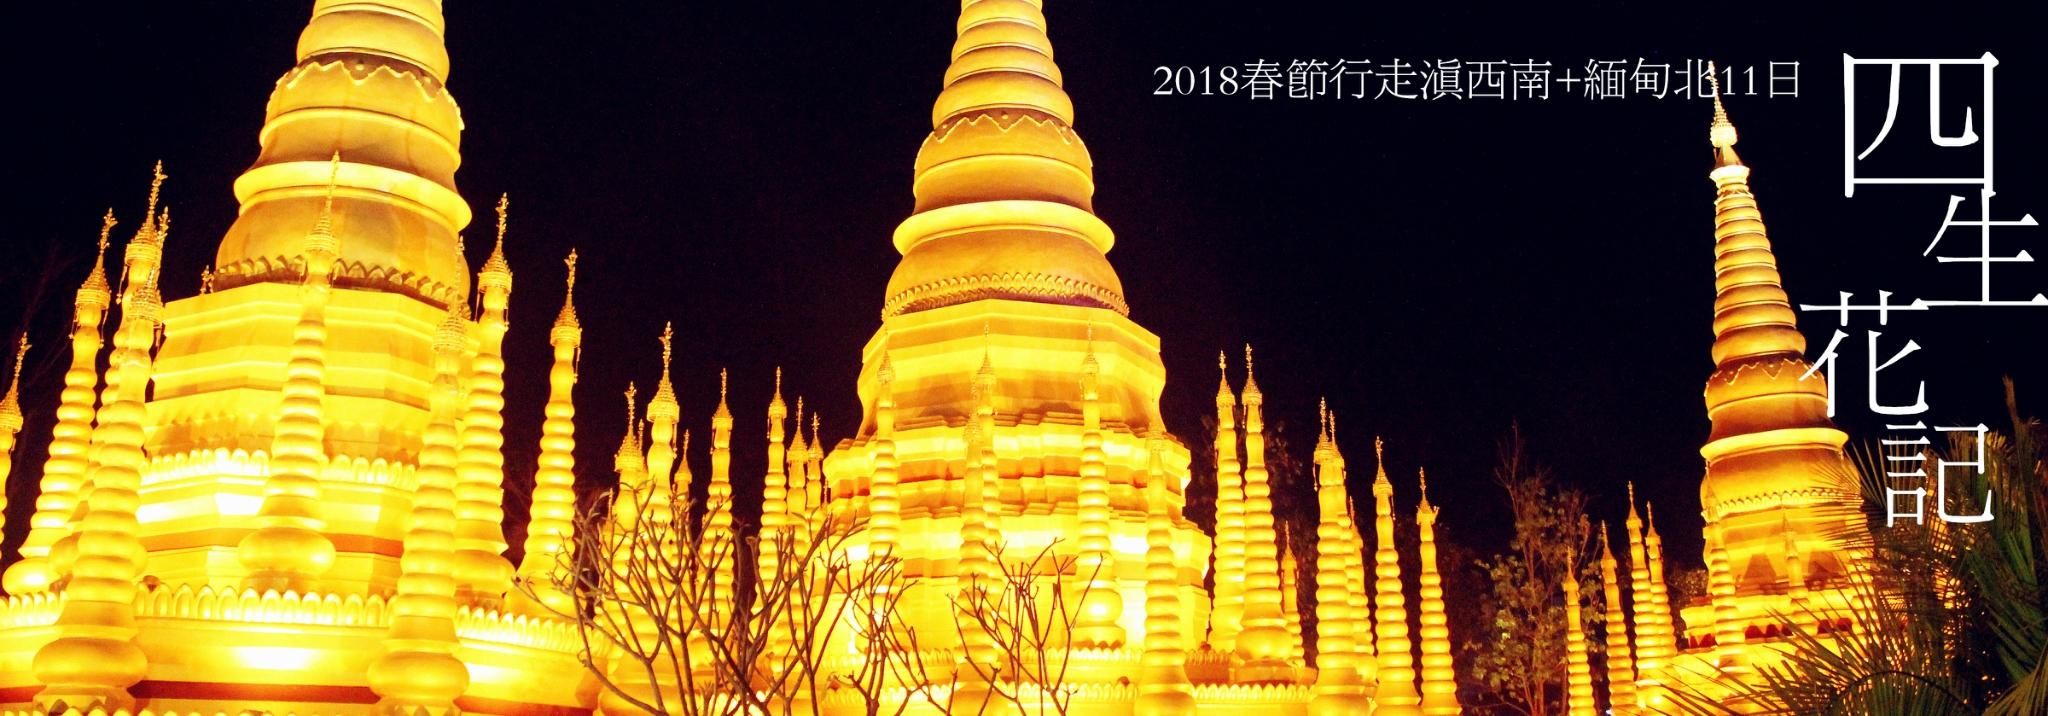 四生花记∣春节滇西南缅北十一日